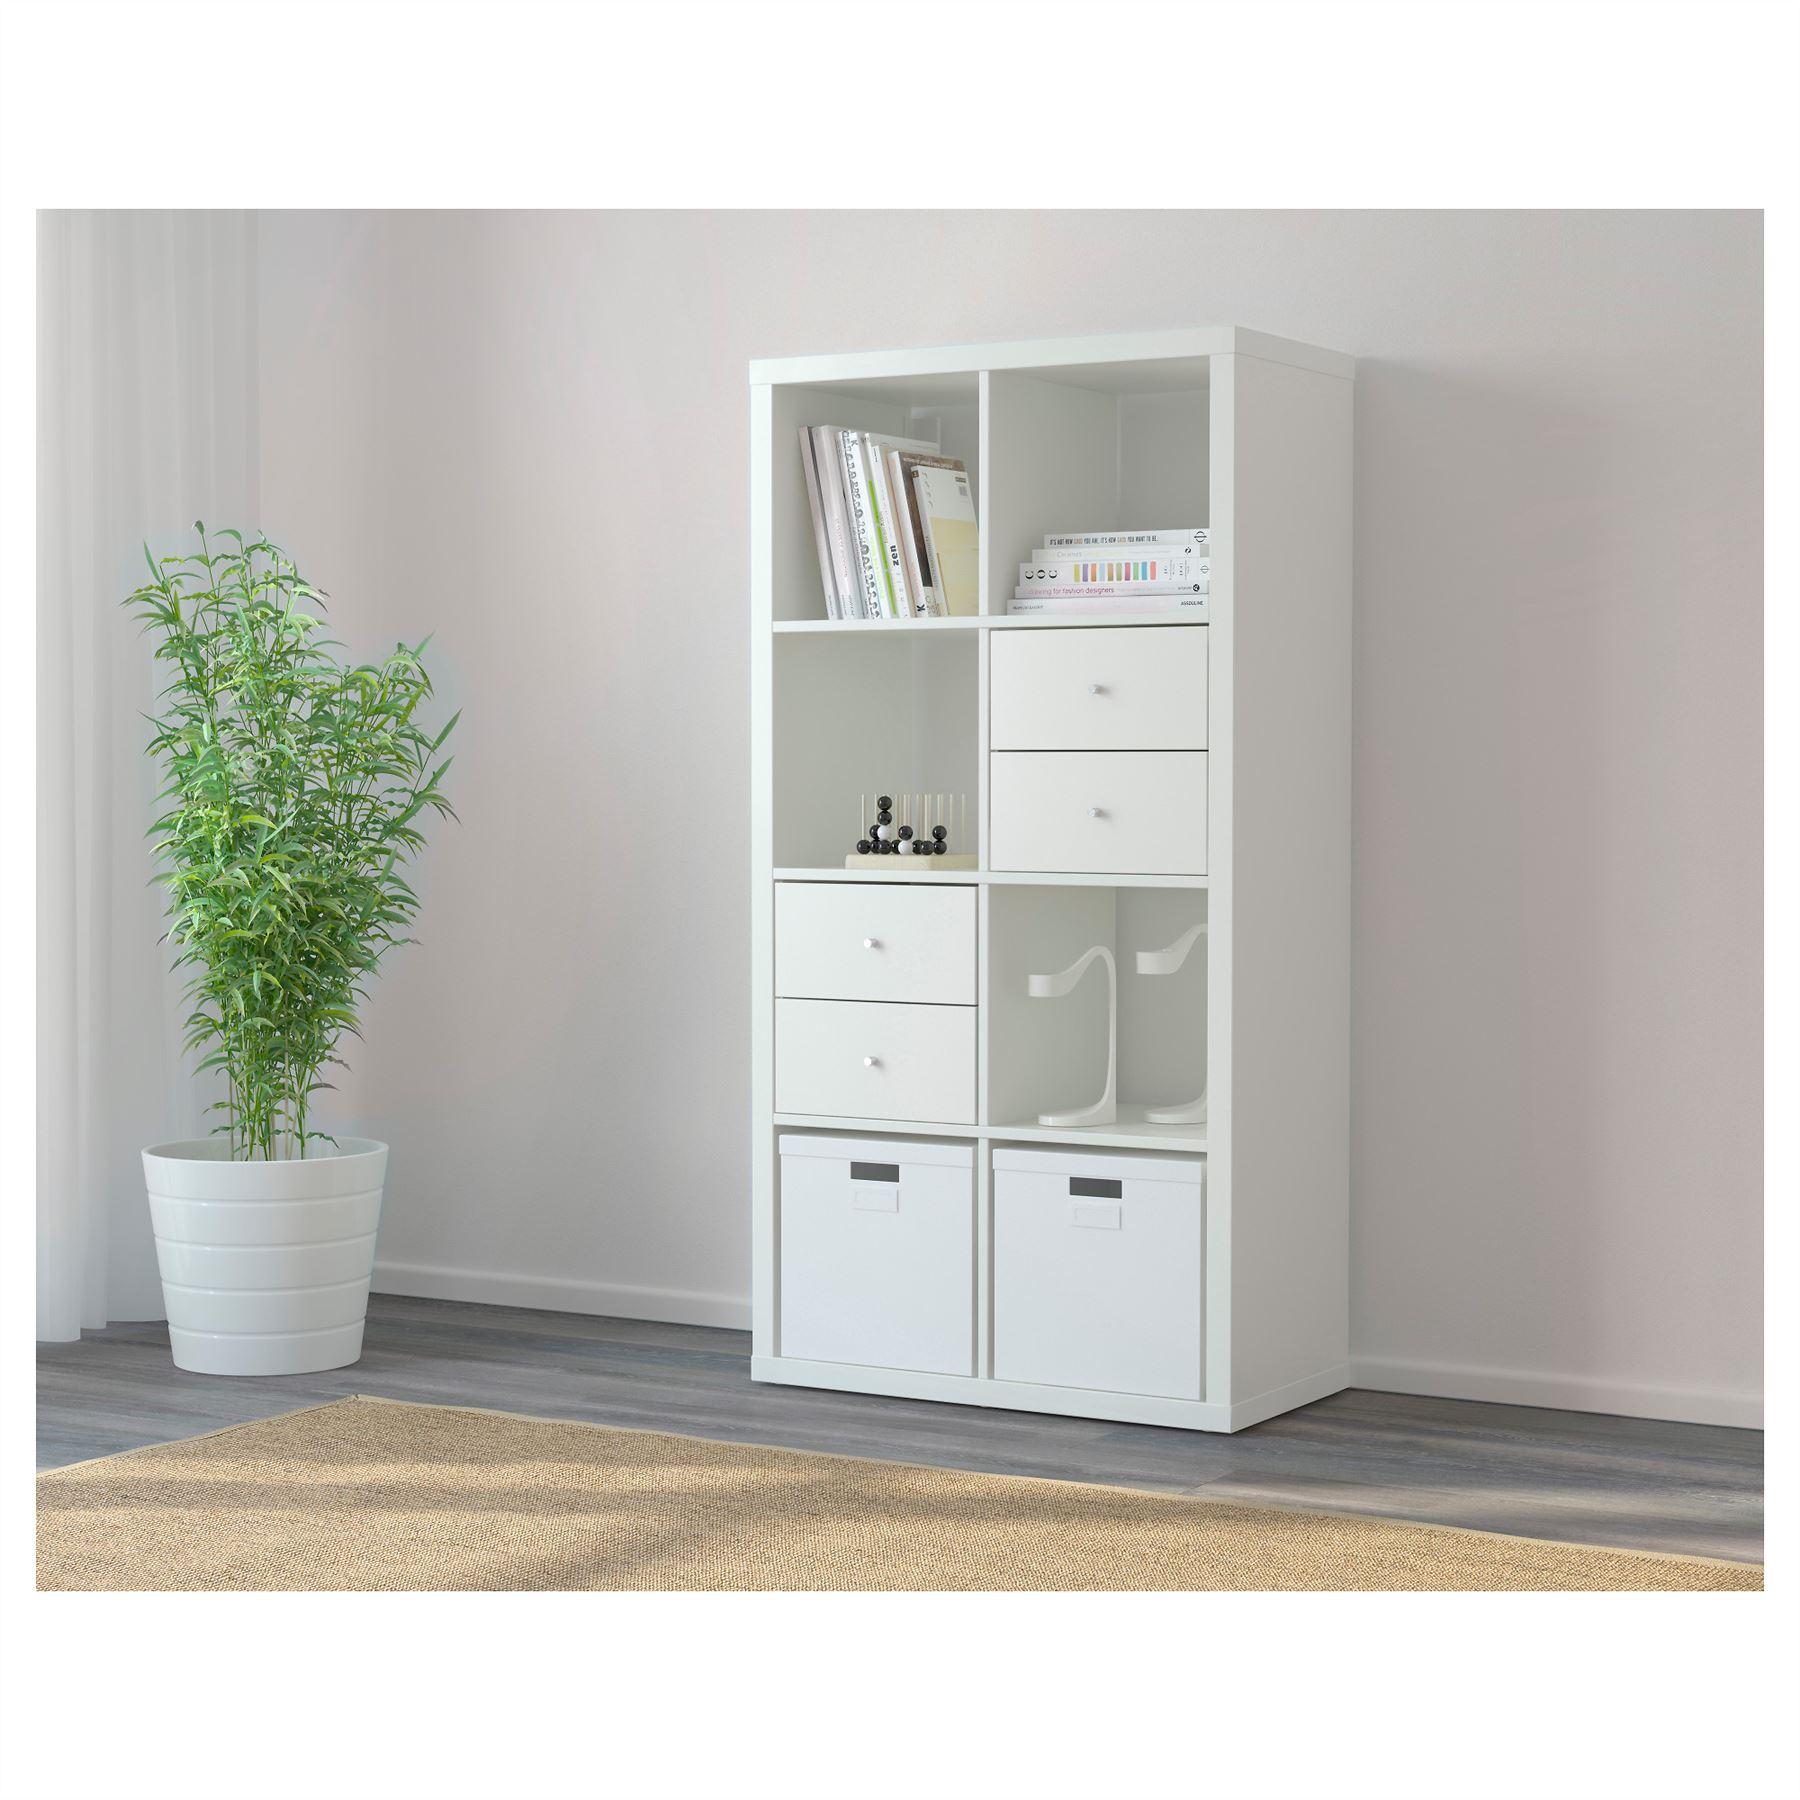 Ikea Regal Schubladen : ikea kallax 8 cube storage bookcase rectangle shelving unit white ~ Watch28wear.com Haus und Dekorationen